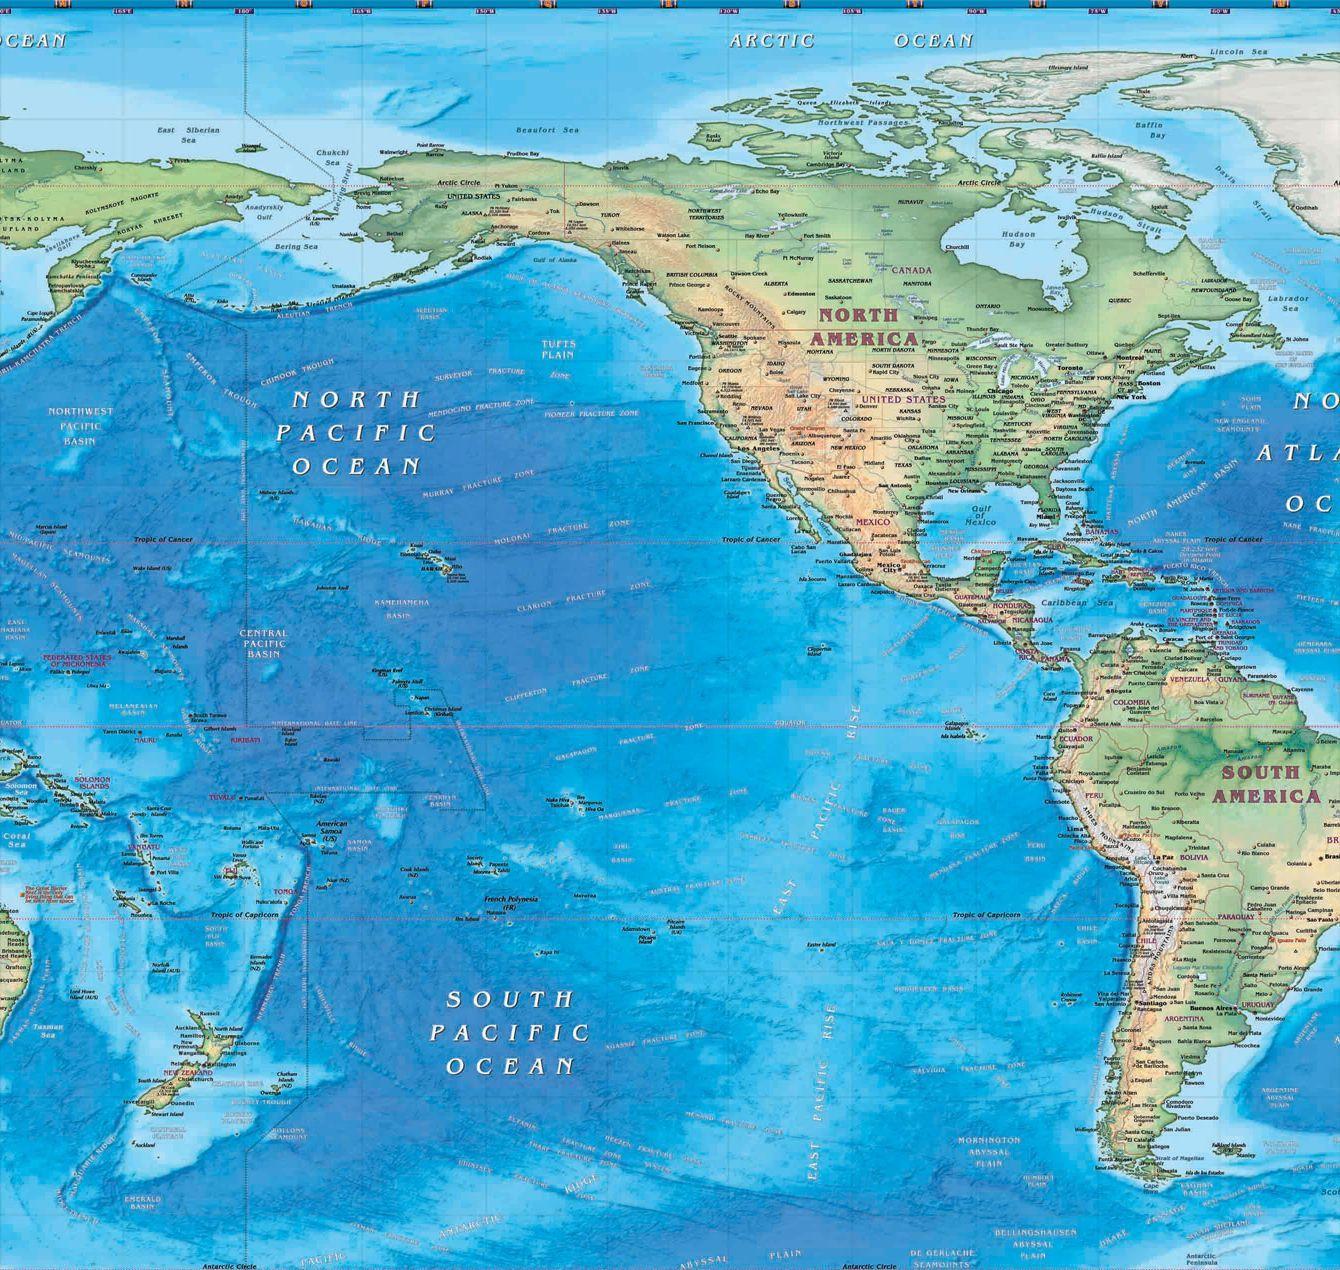 Y aparte de los Estados Unidos, ¿qué otro país americano tiene territorios que forman parte de Oceanía?